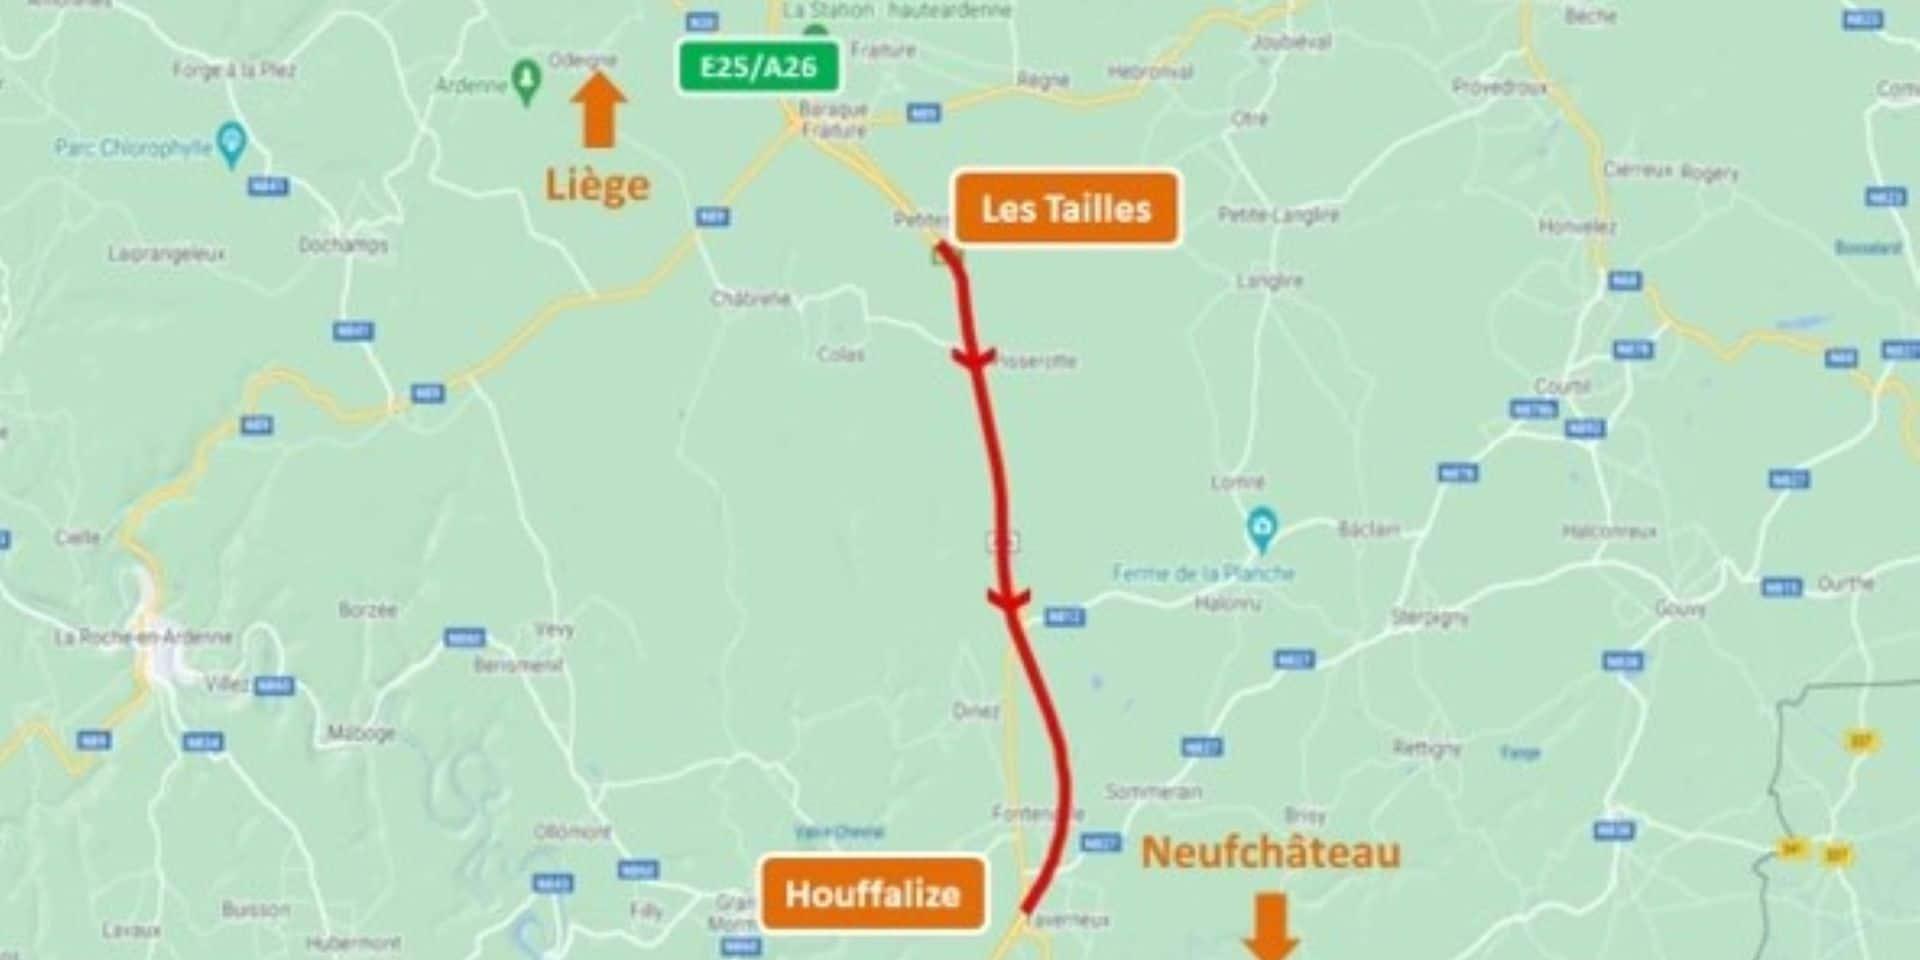 E25/A26 : le chantier entre Les Tailles et Houffalize vers Neufchâteau touche à sa fin